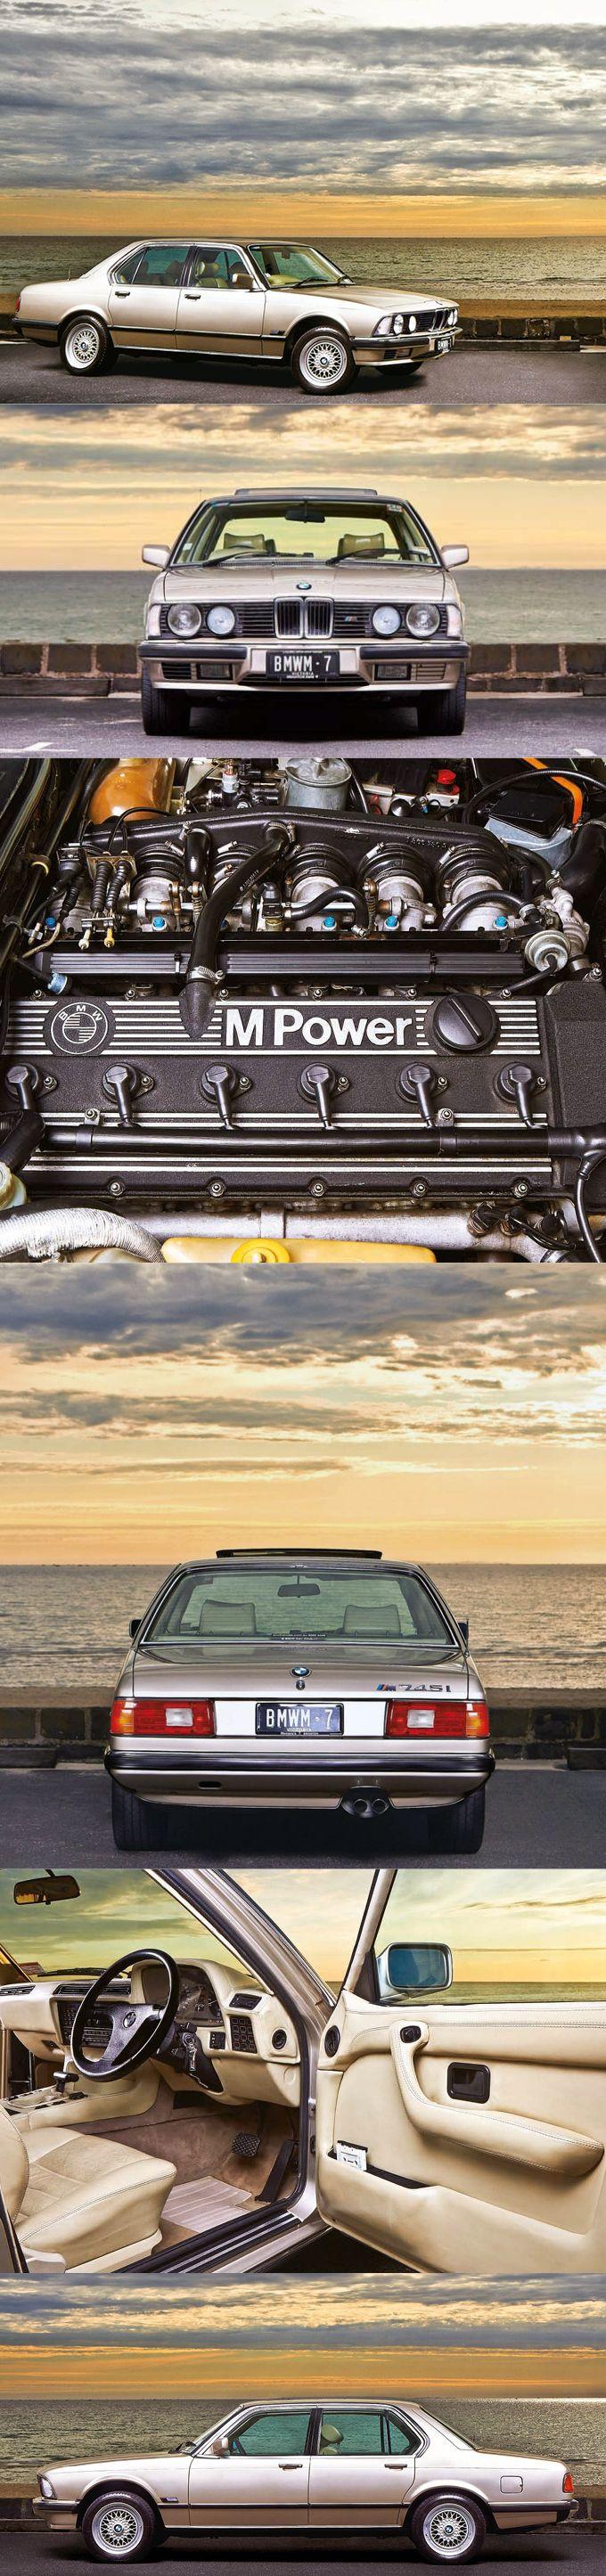 Best 25 Engine pistons ideas on Pinterest